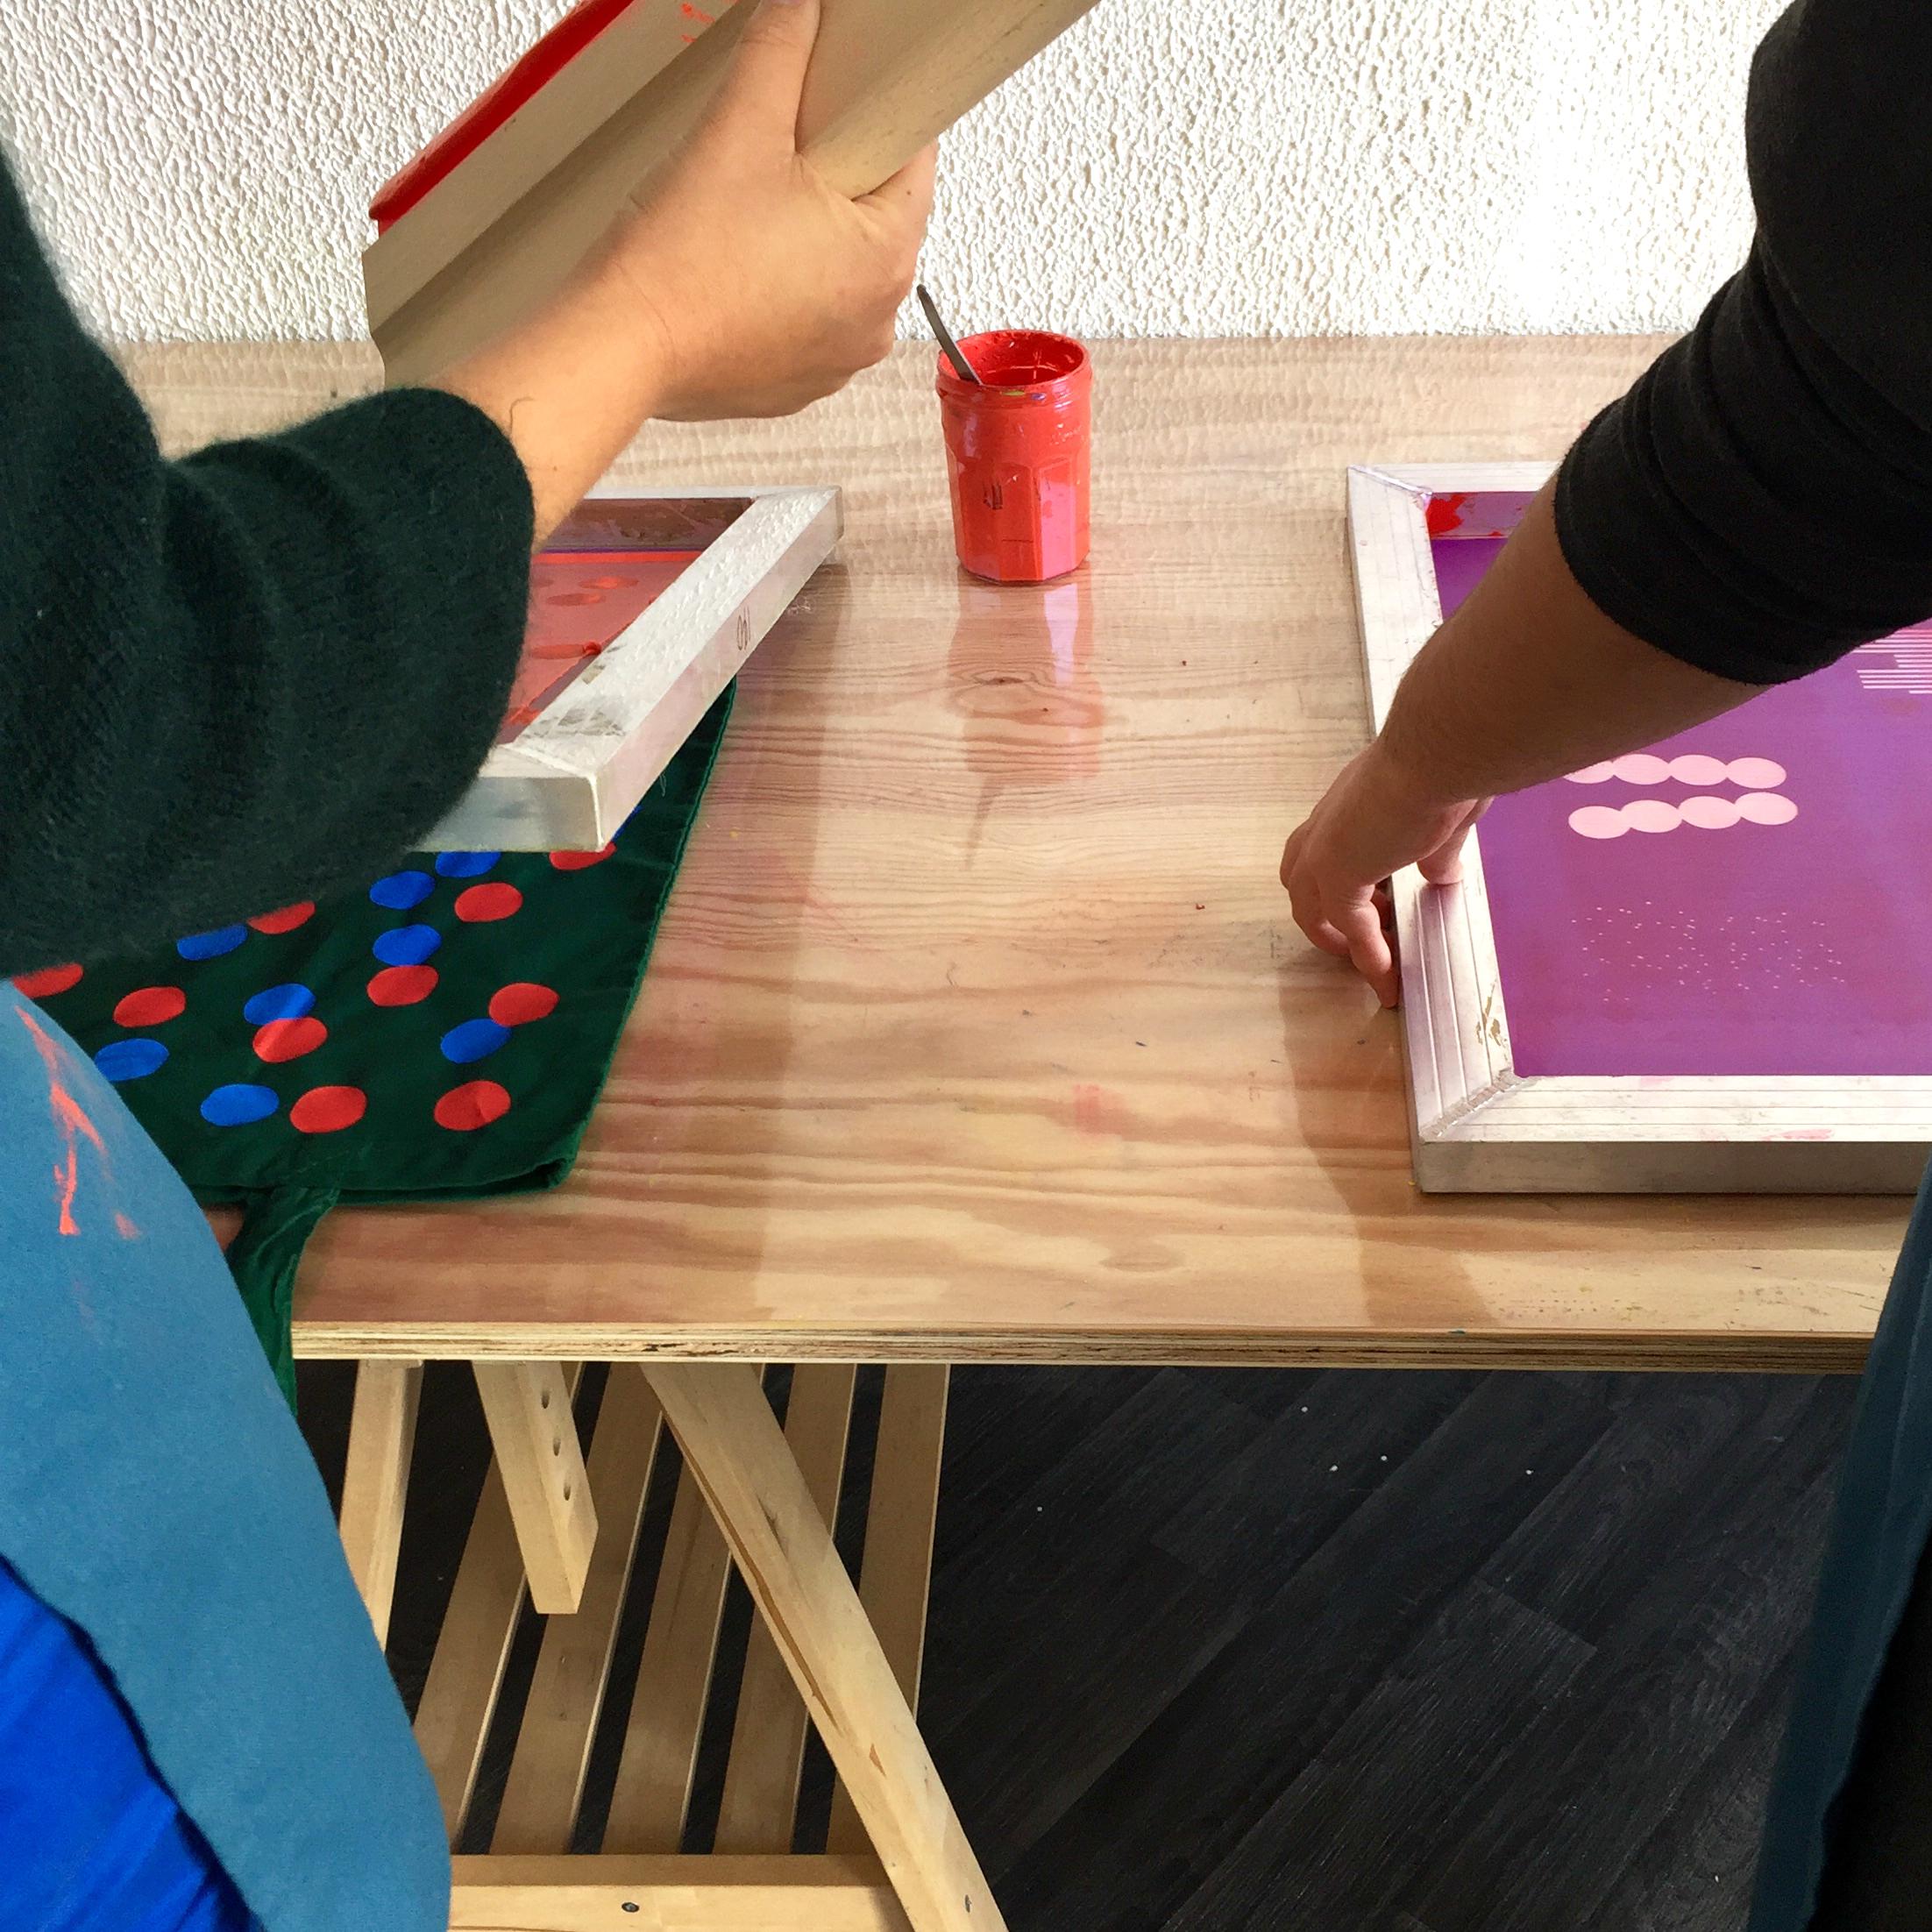 Atelier adulte - Jaune foret propose des ateliers ponctuels pour pratiquer la technique de la sérigraphie. Différentes formules sont proposées suivant le niveau.En savoir plus, tarifs et inscriptions ➝